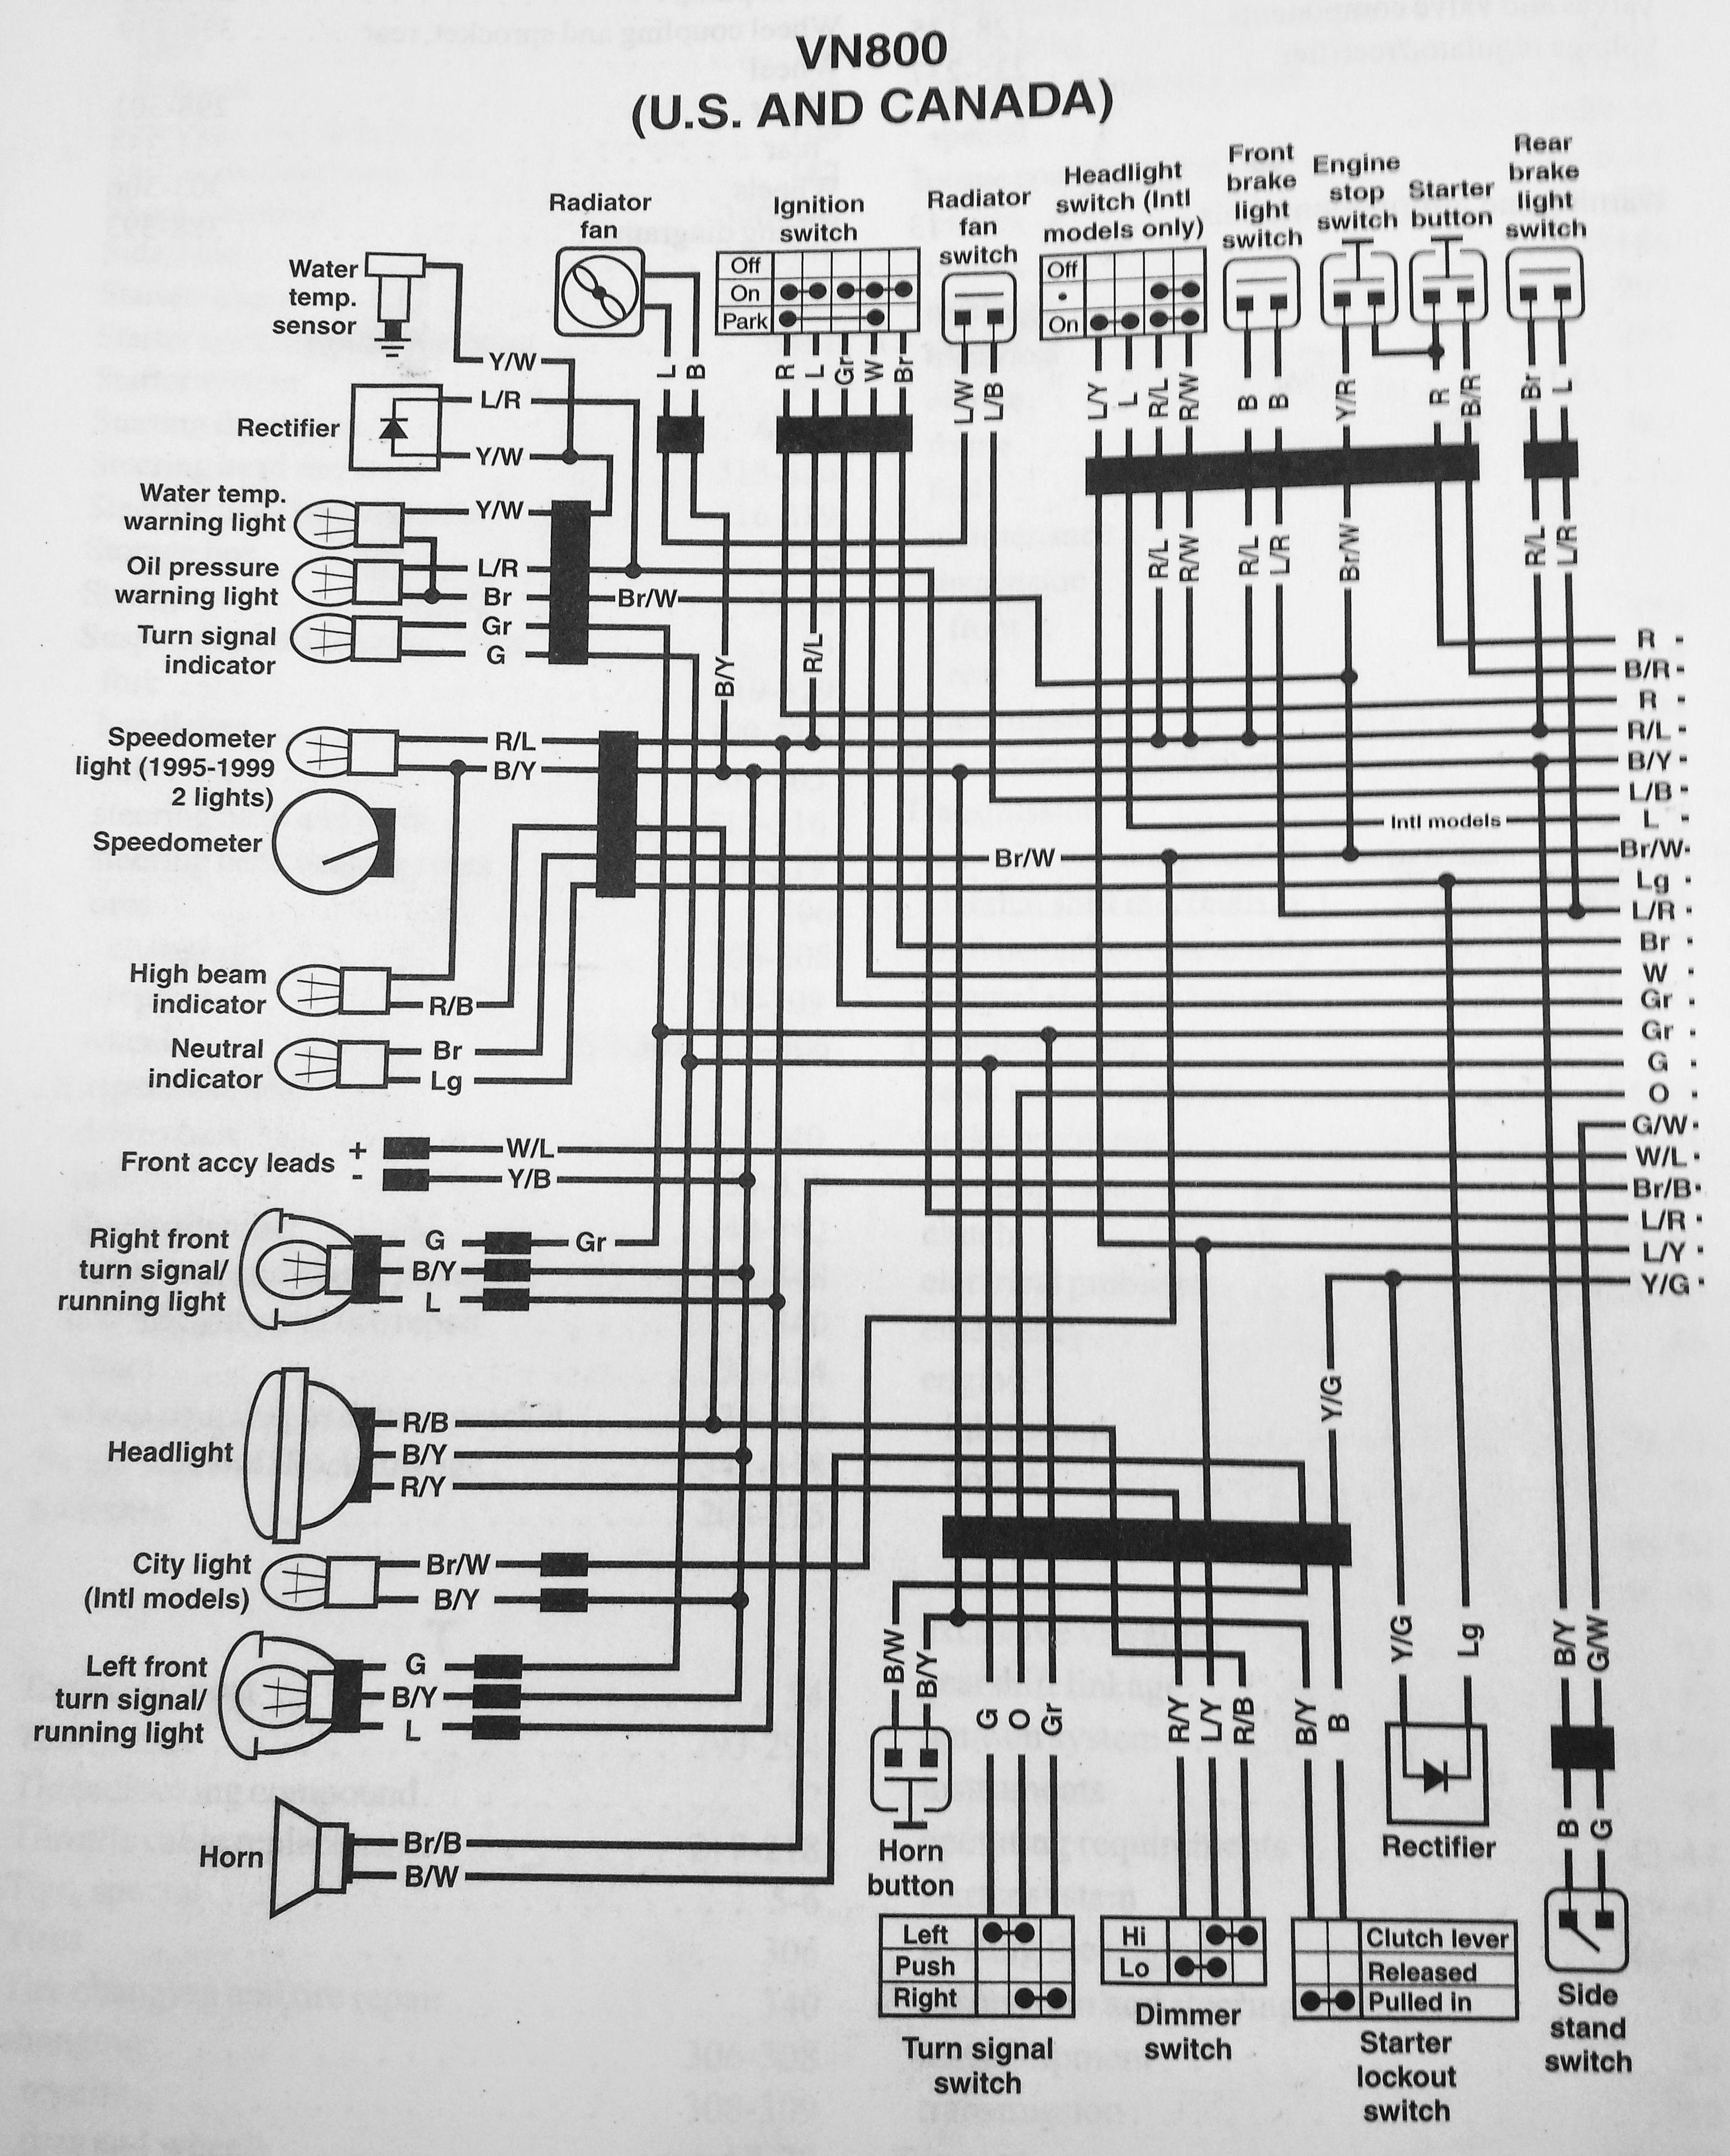 Groovy 2005 Vulcan 2000 Wiring Diagram Wiring Diagram Database Wiring Cloud Cranvenetmohammedshrineorg